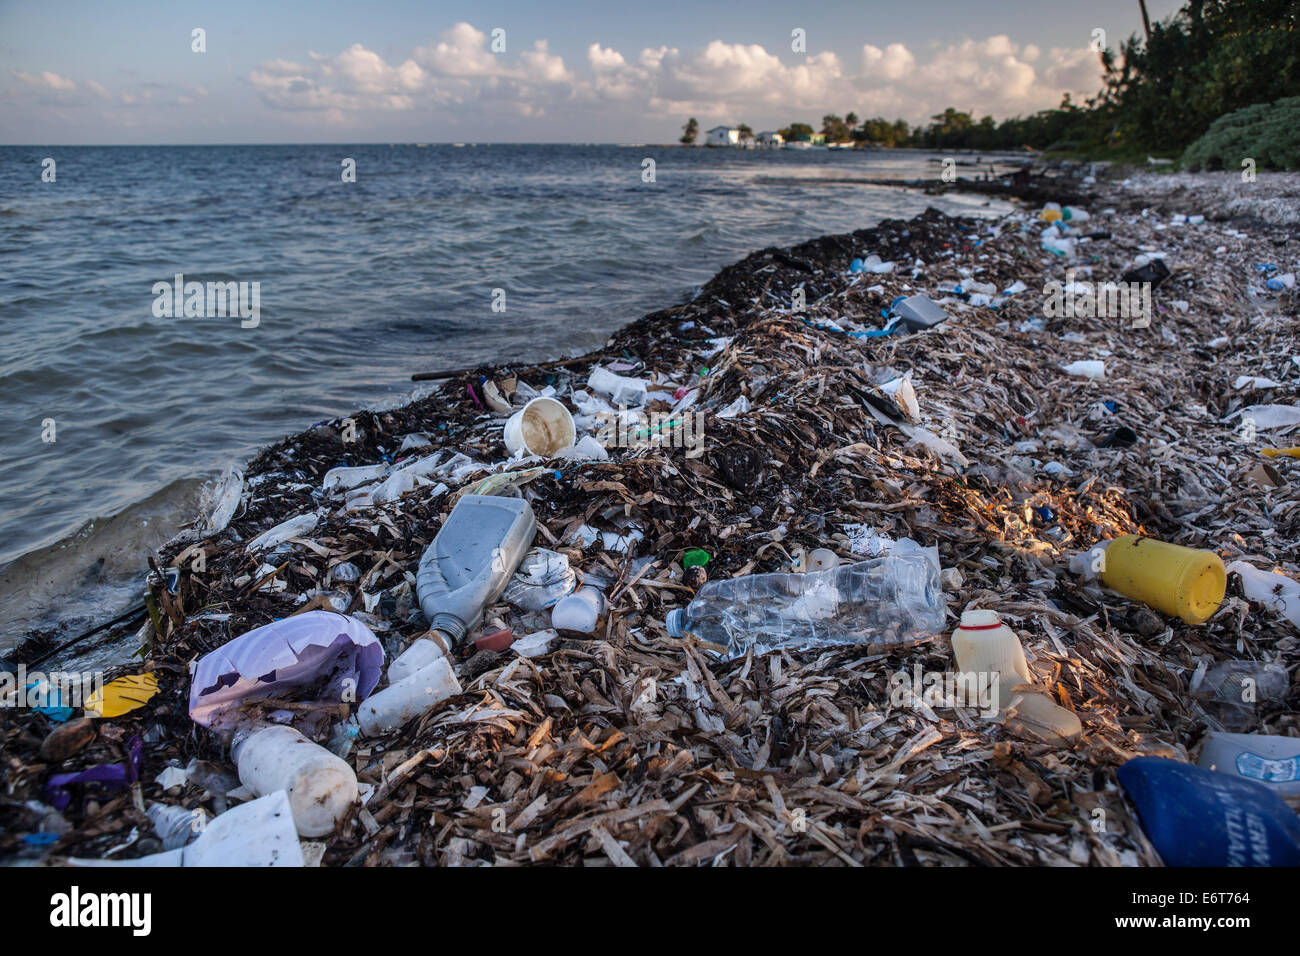 Les déchets plastiques rejetés au rivage, Turneffe Atoll, des Caraïbes, le Belize Banque D'Images